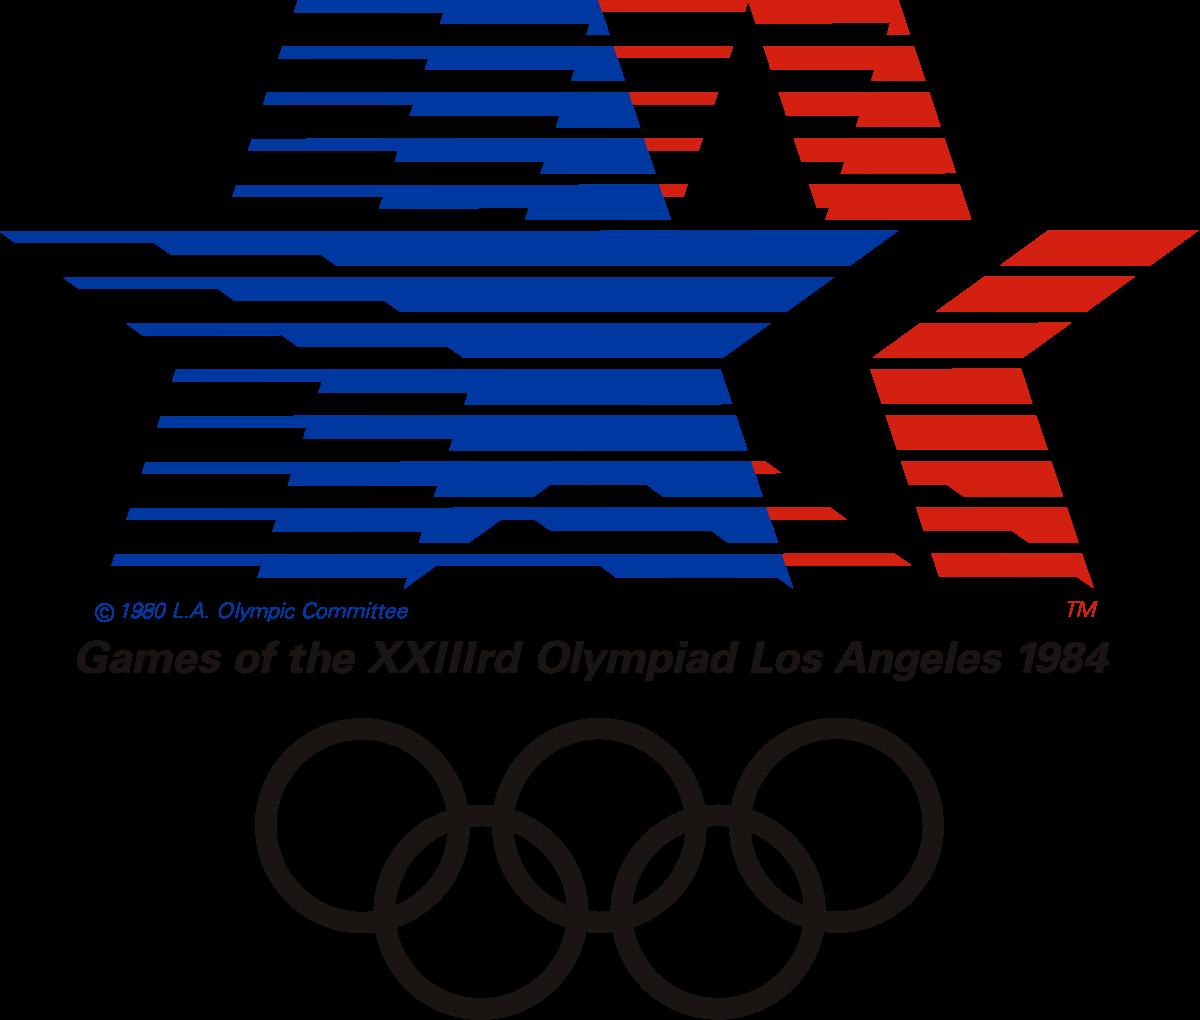 Jogos Olímpicos de Verão Los Angeles 1984